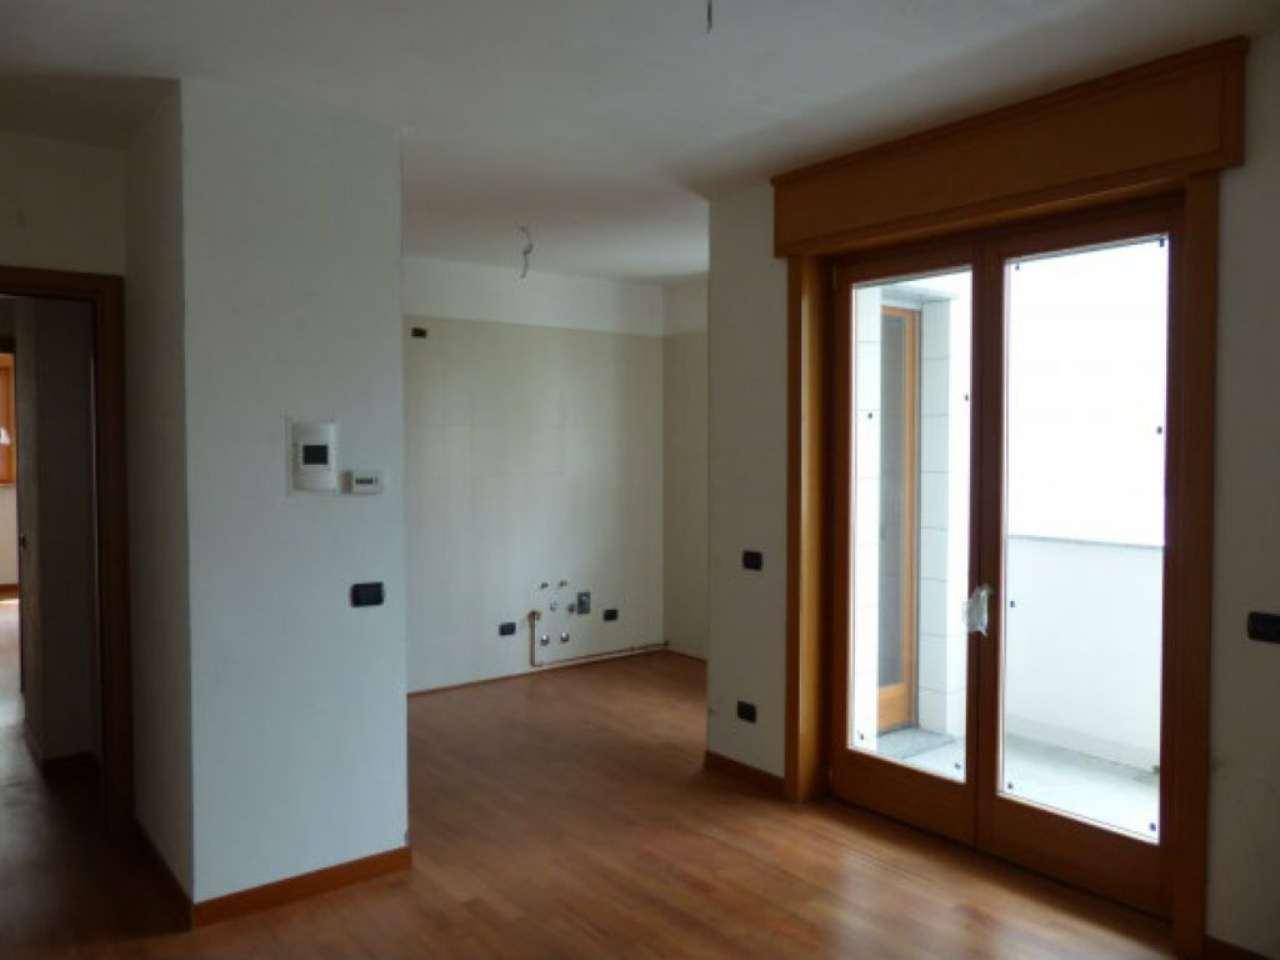 Appartamento in Vendita a Milano 23 Forlanini / Mecenate:  2 locali, 82 mq  - Foto 1